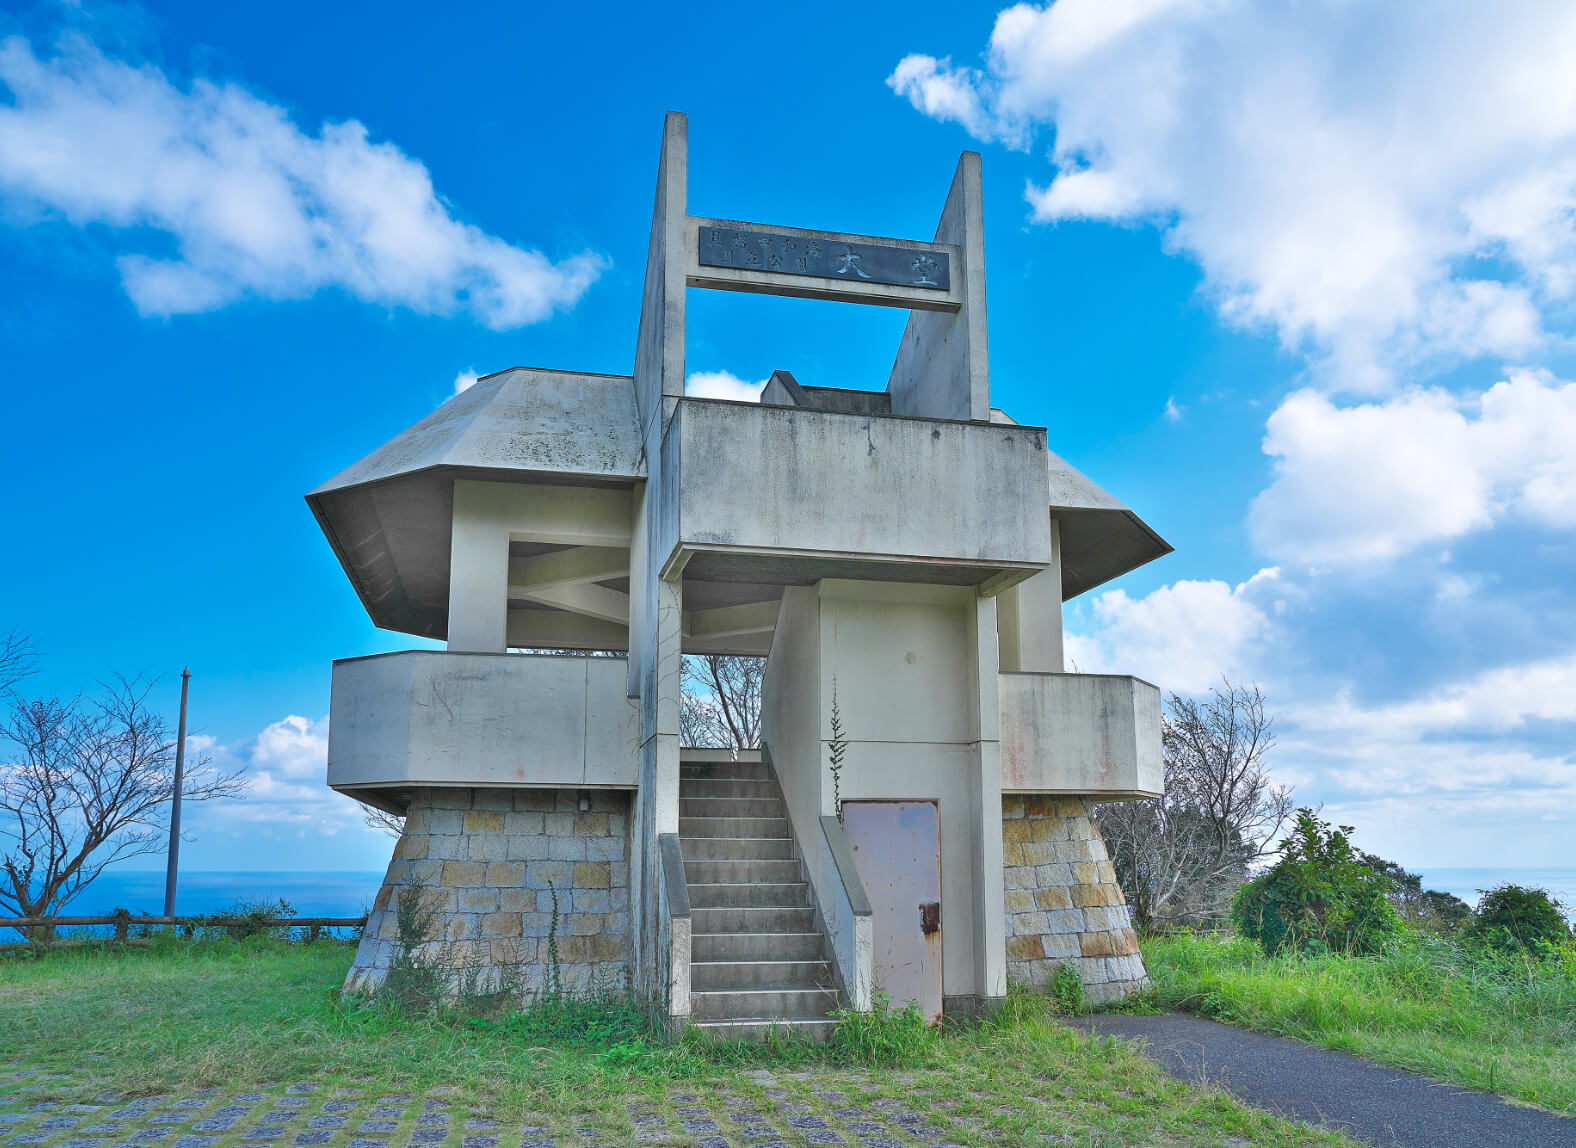 Odoyama Observatory